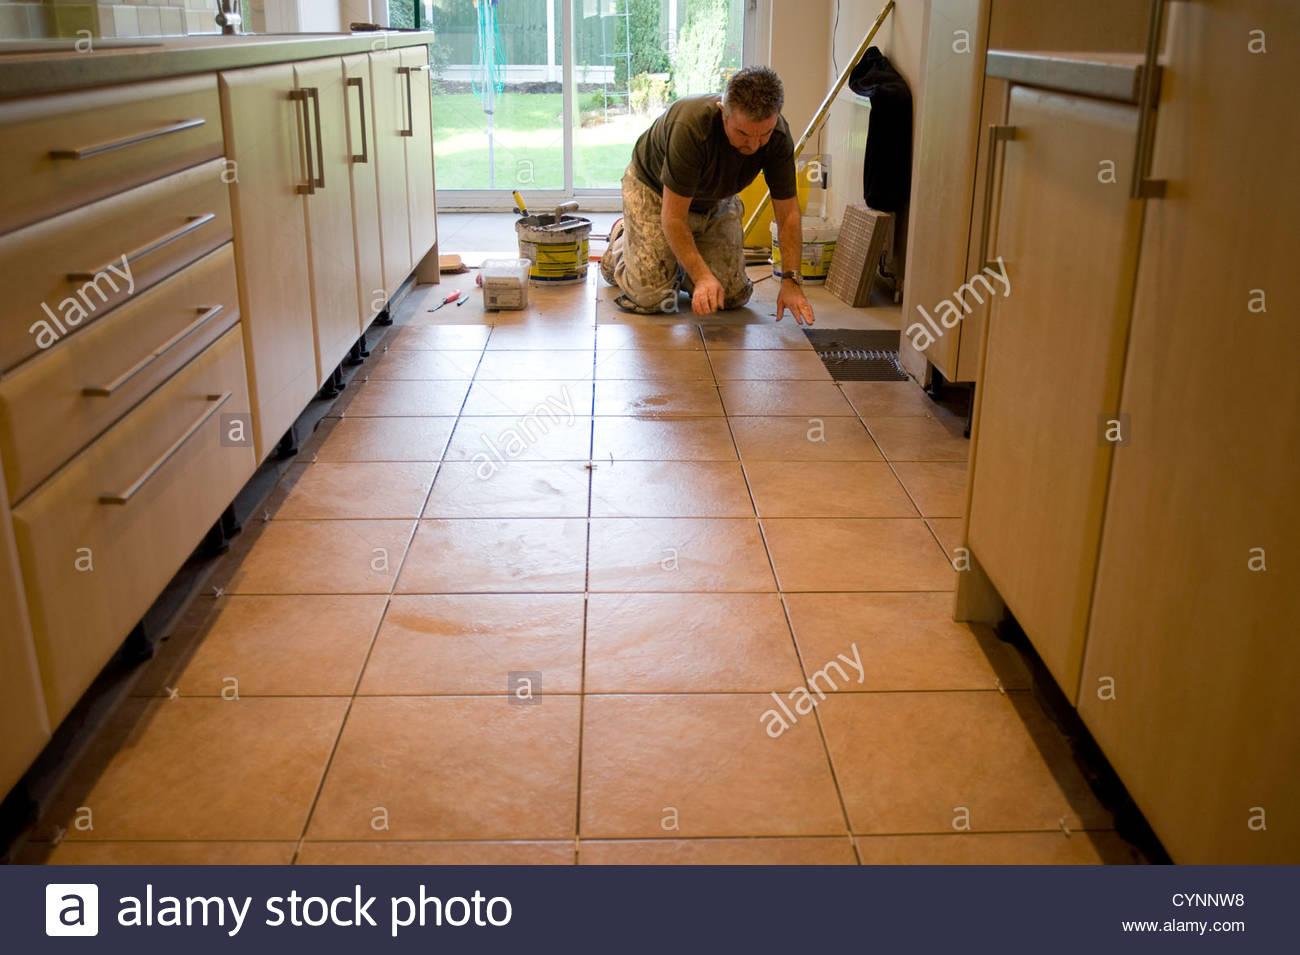 Auf den Knien den Küchenboden Fliesen Fliesenleger Stockfoto, Bild ...